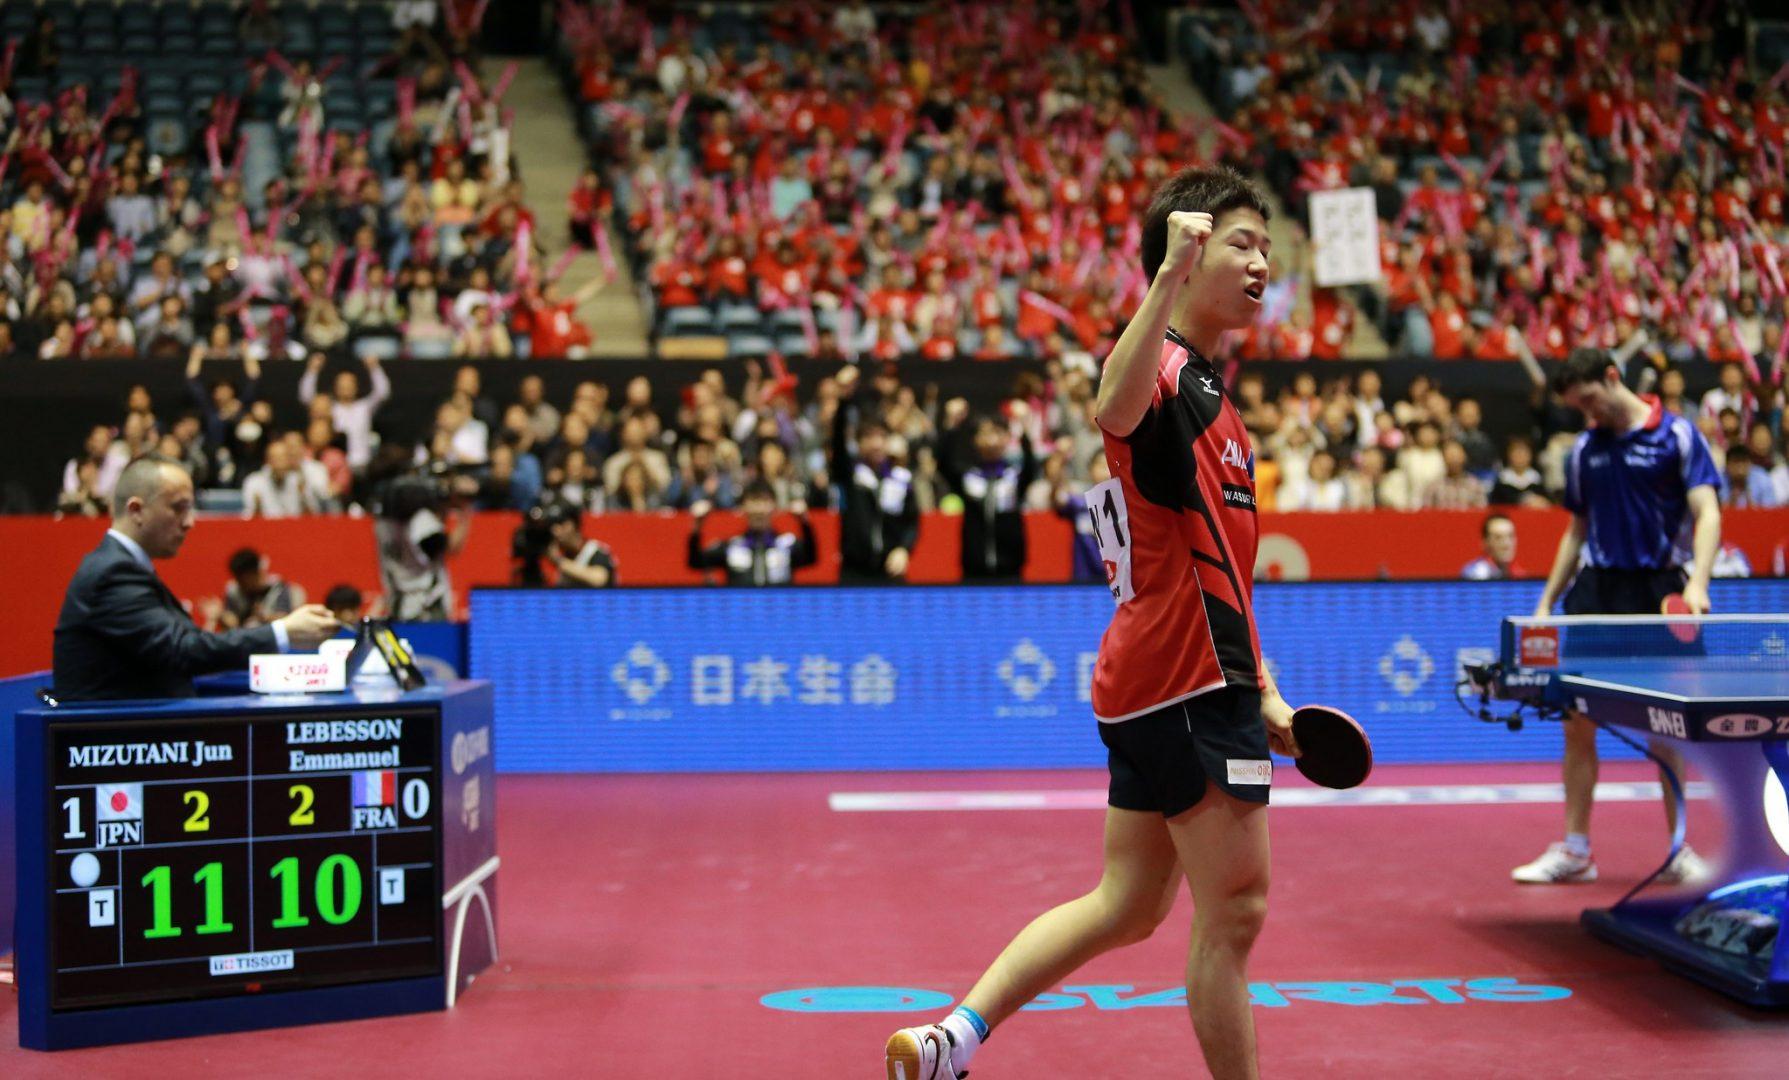 自国開催が有利な理由 卓球界はチームワールドカップ東京大会控える